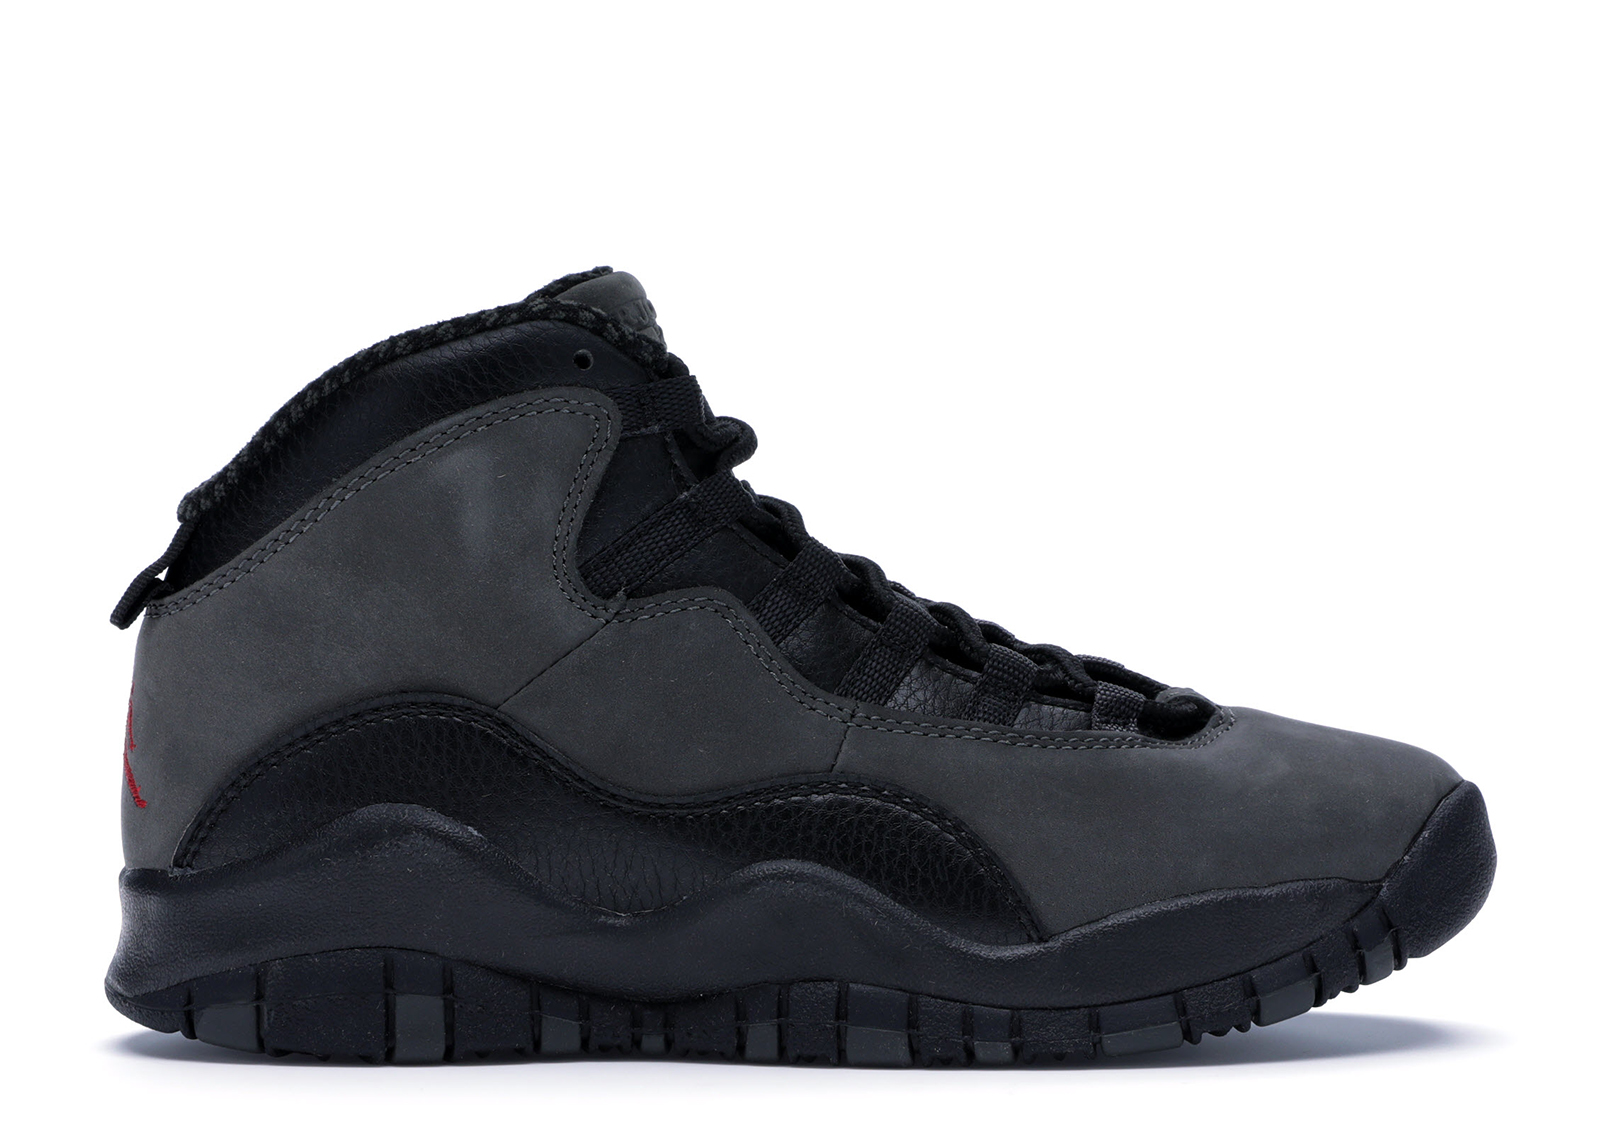 Air Jordan 10 Shoes \u0026 Deadstock Sneakers